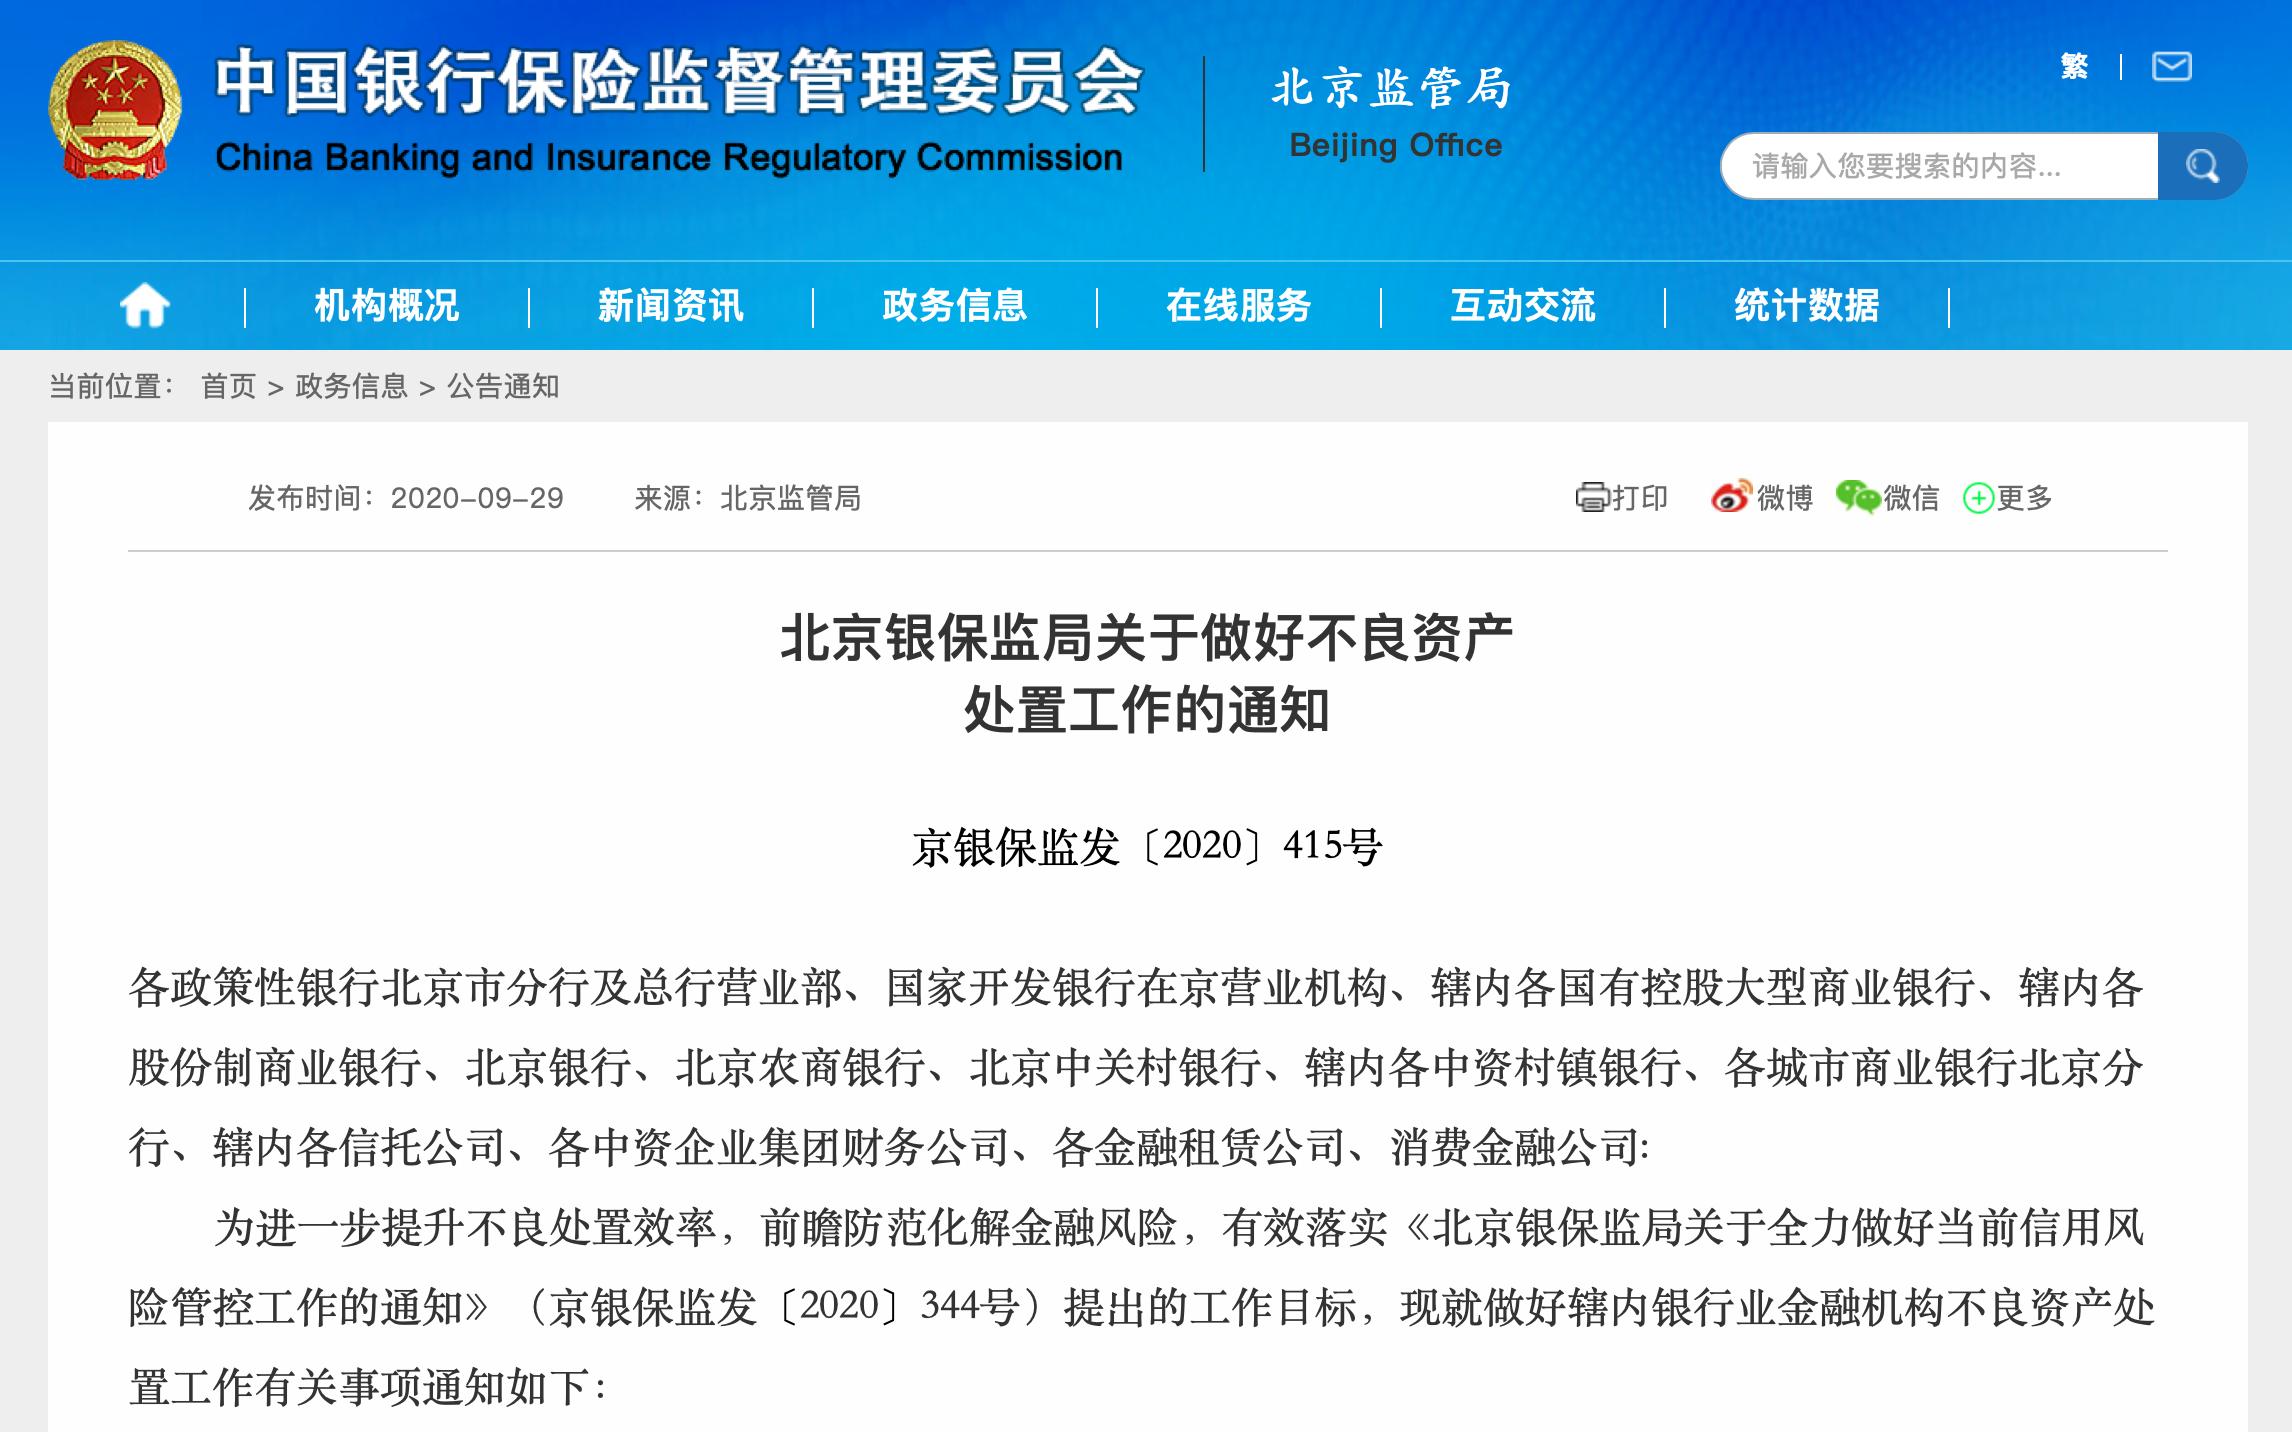 《【摩登2代理平台】北京最新通知:不得以支持疫情防控和复产复工为由新发放贷款掩盖不良》